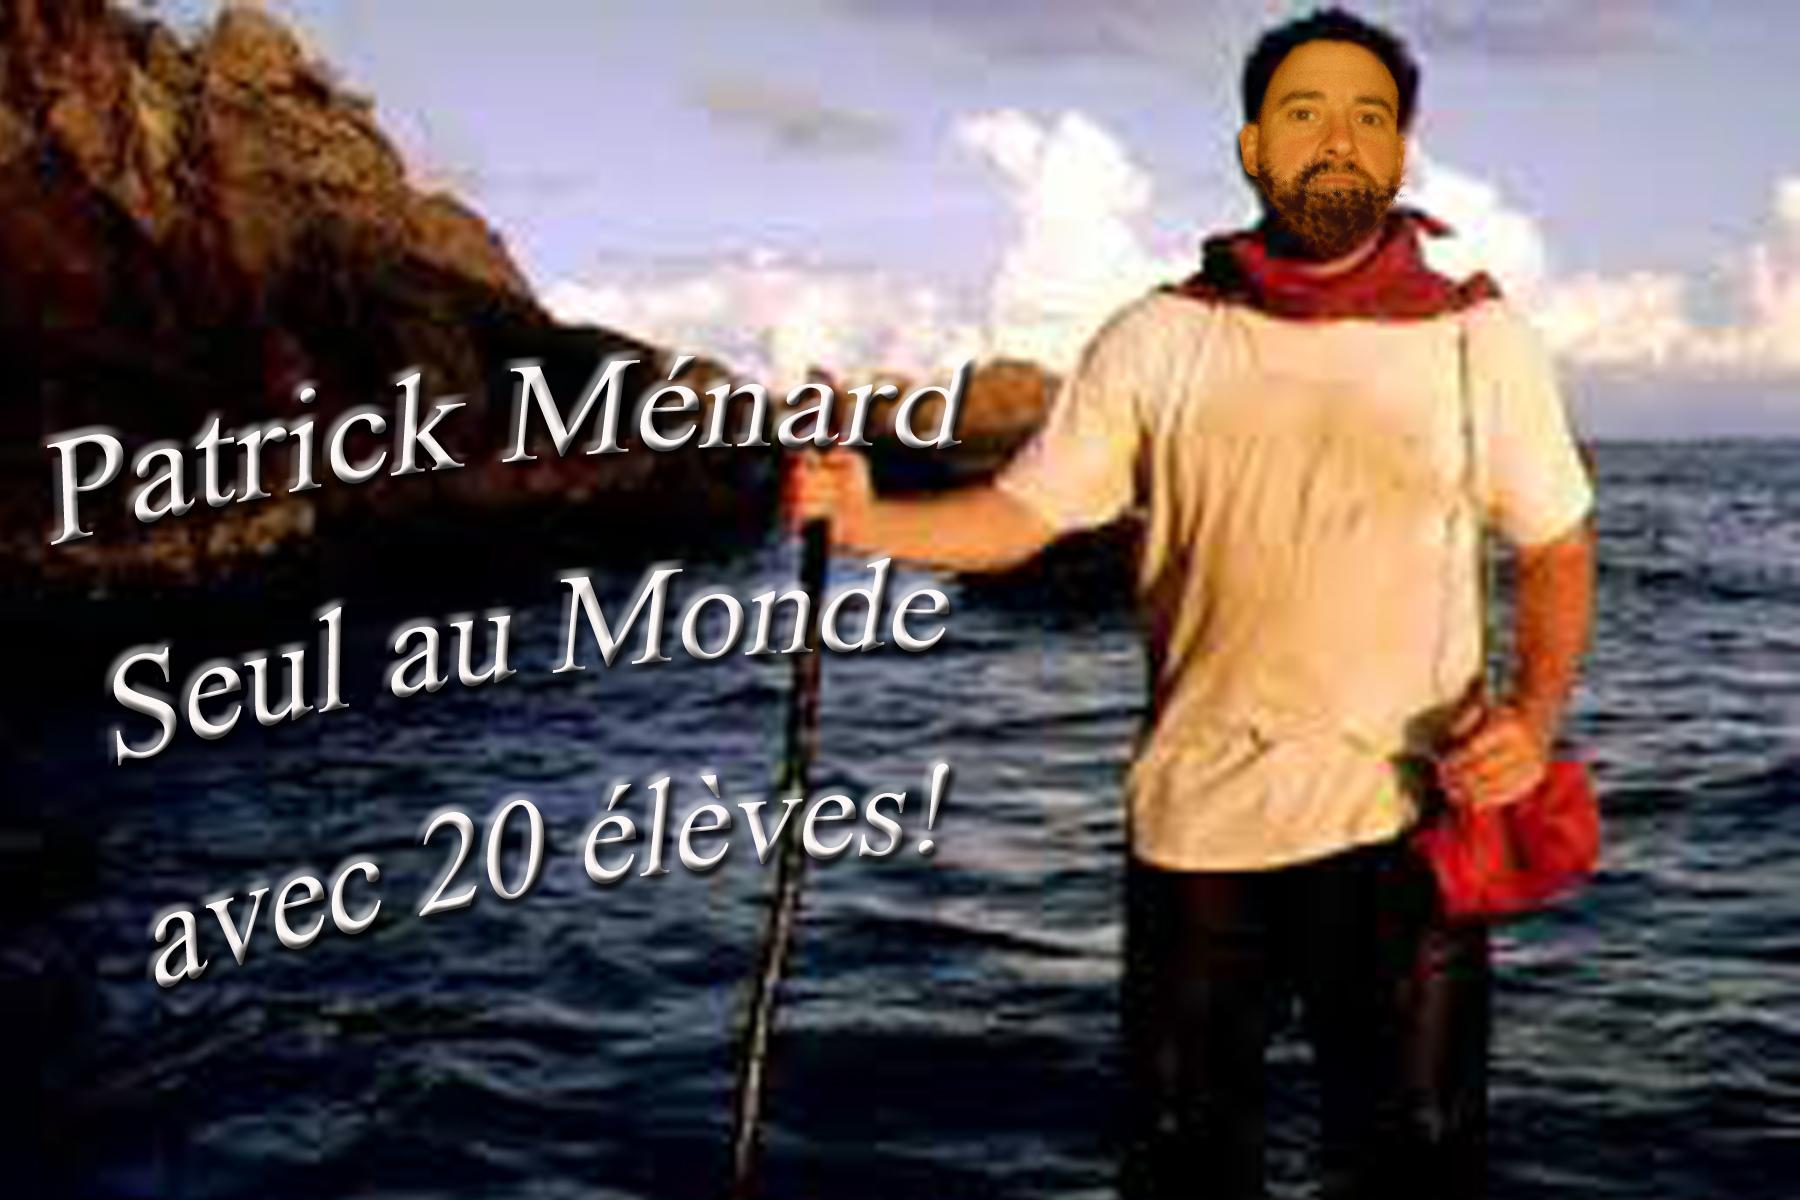 Patrick Ménard